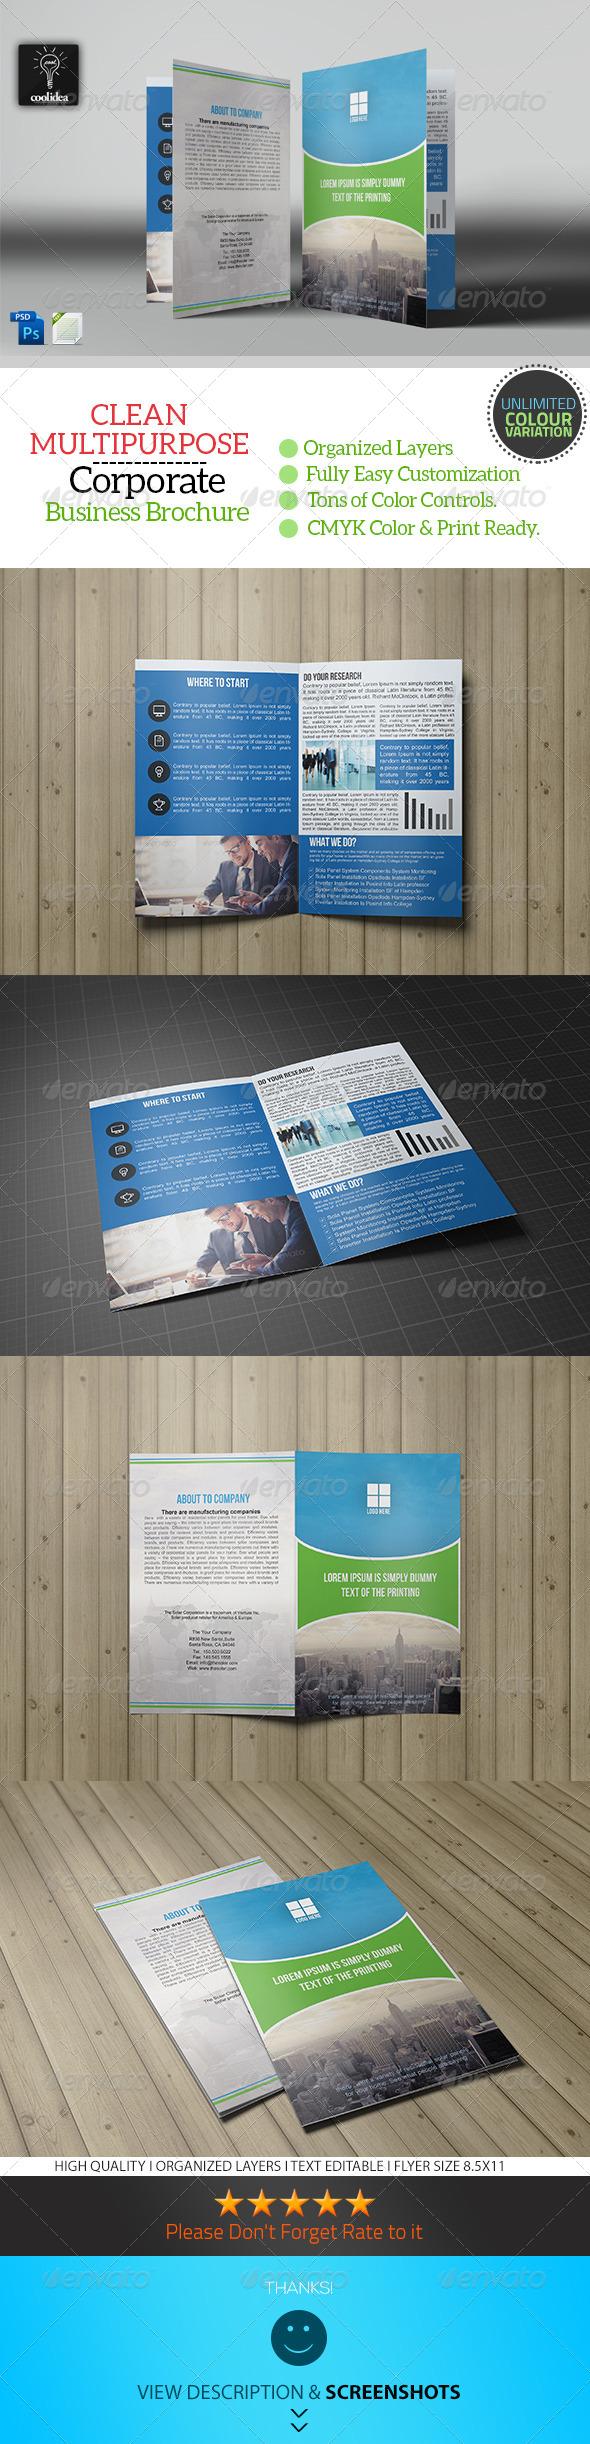 Business Brochure Bifold Template Vol04 - Corporate Brochures